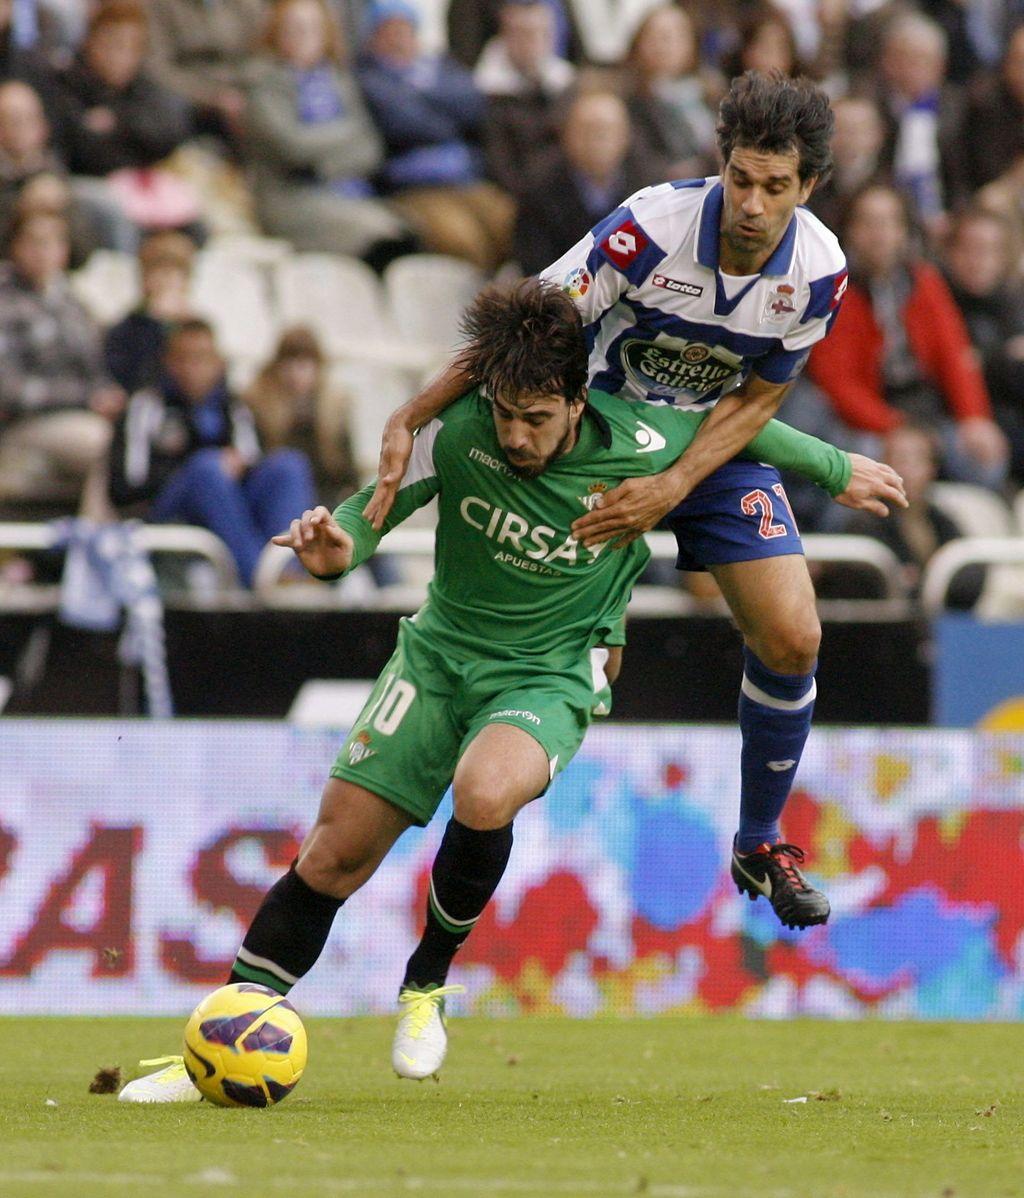 El centrocampista del Betis Beñat Etxebarría (i) pelea un balón con el centrocampista del Deportivo Juan Carlos Valerón